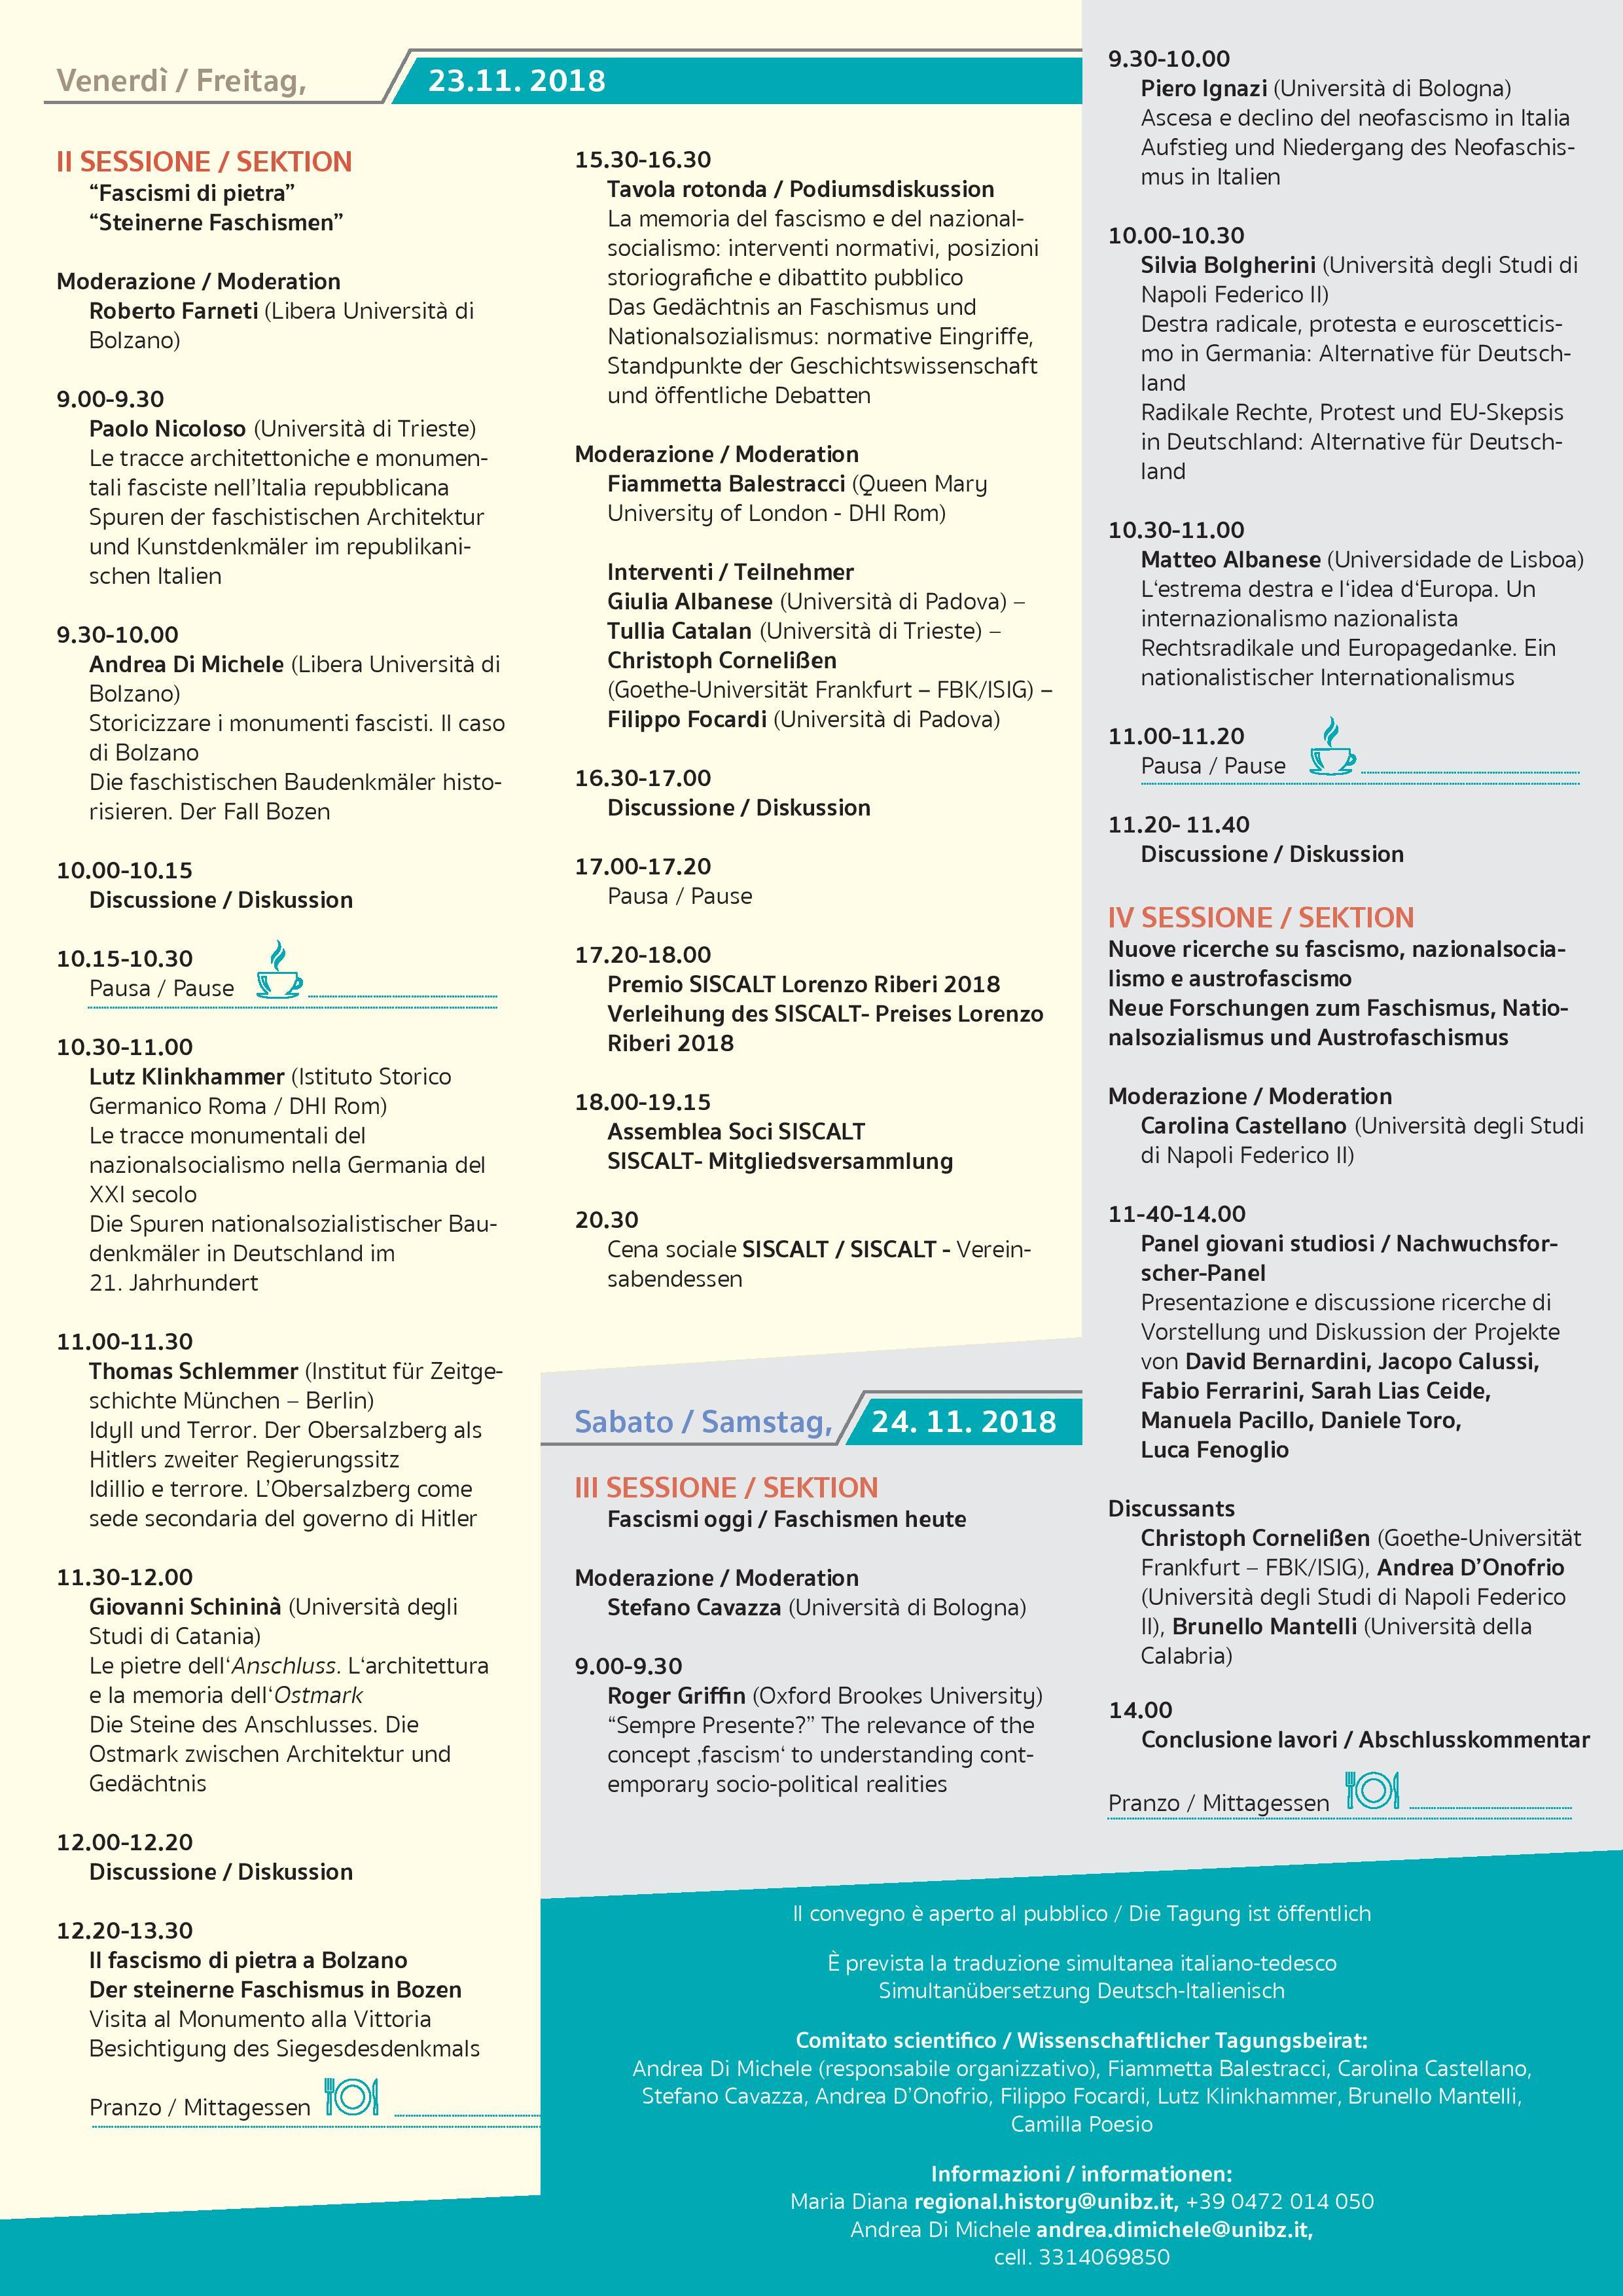 Invito (mail)-page-002